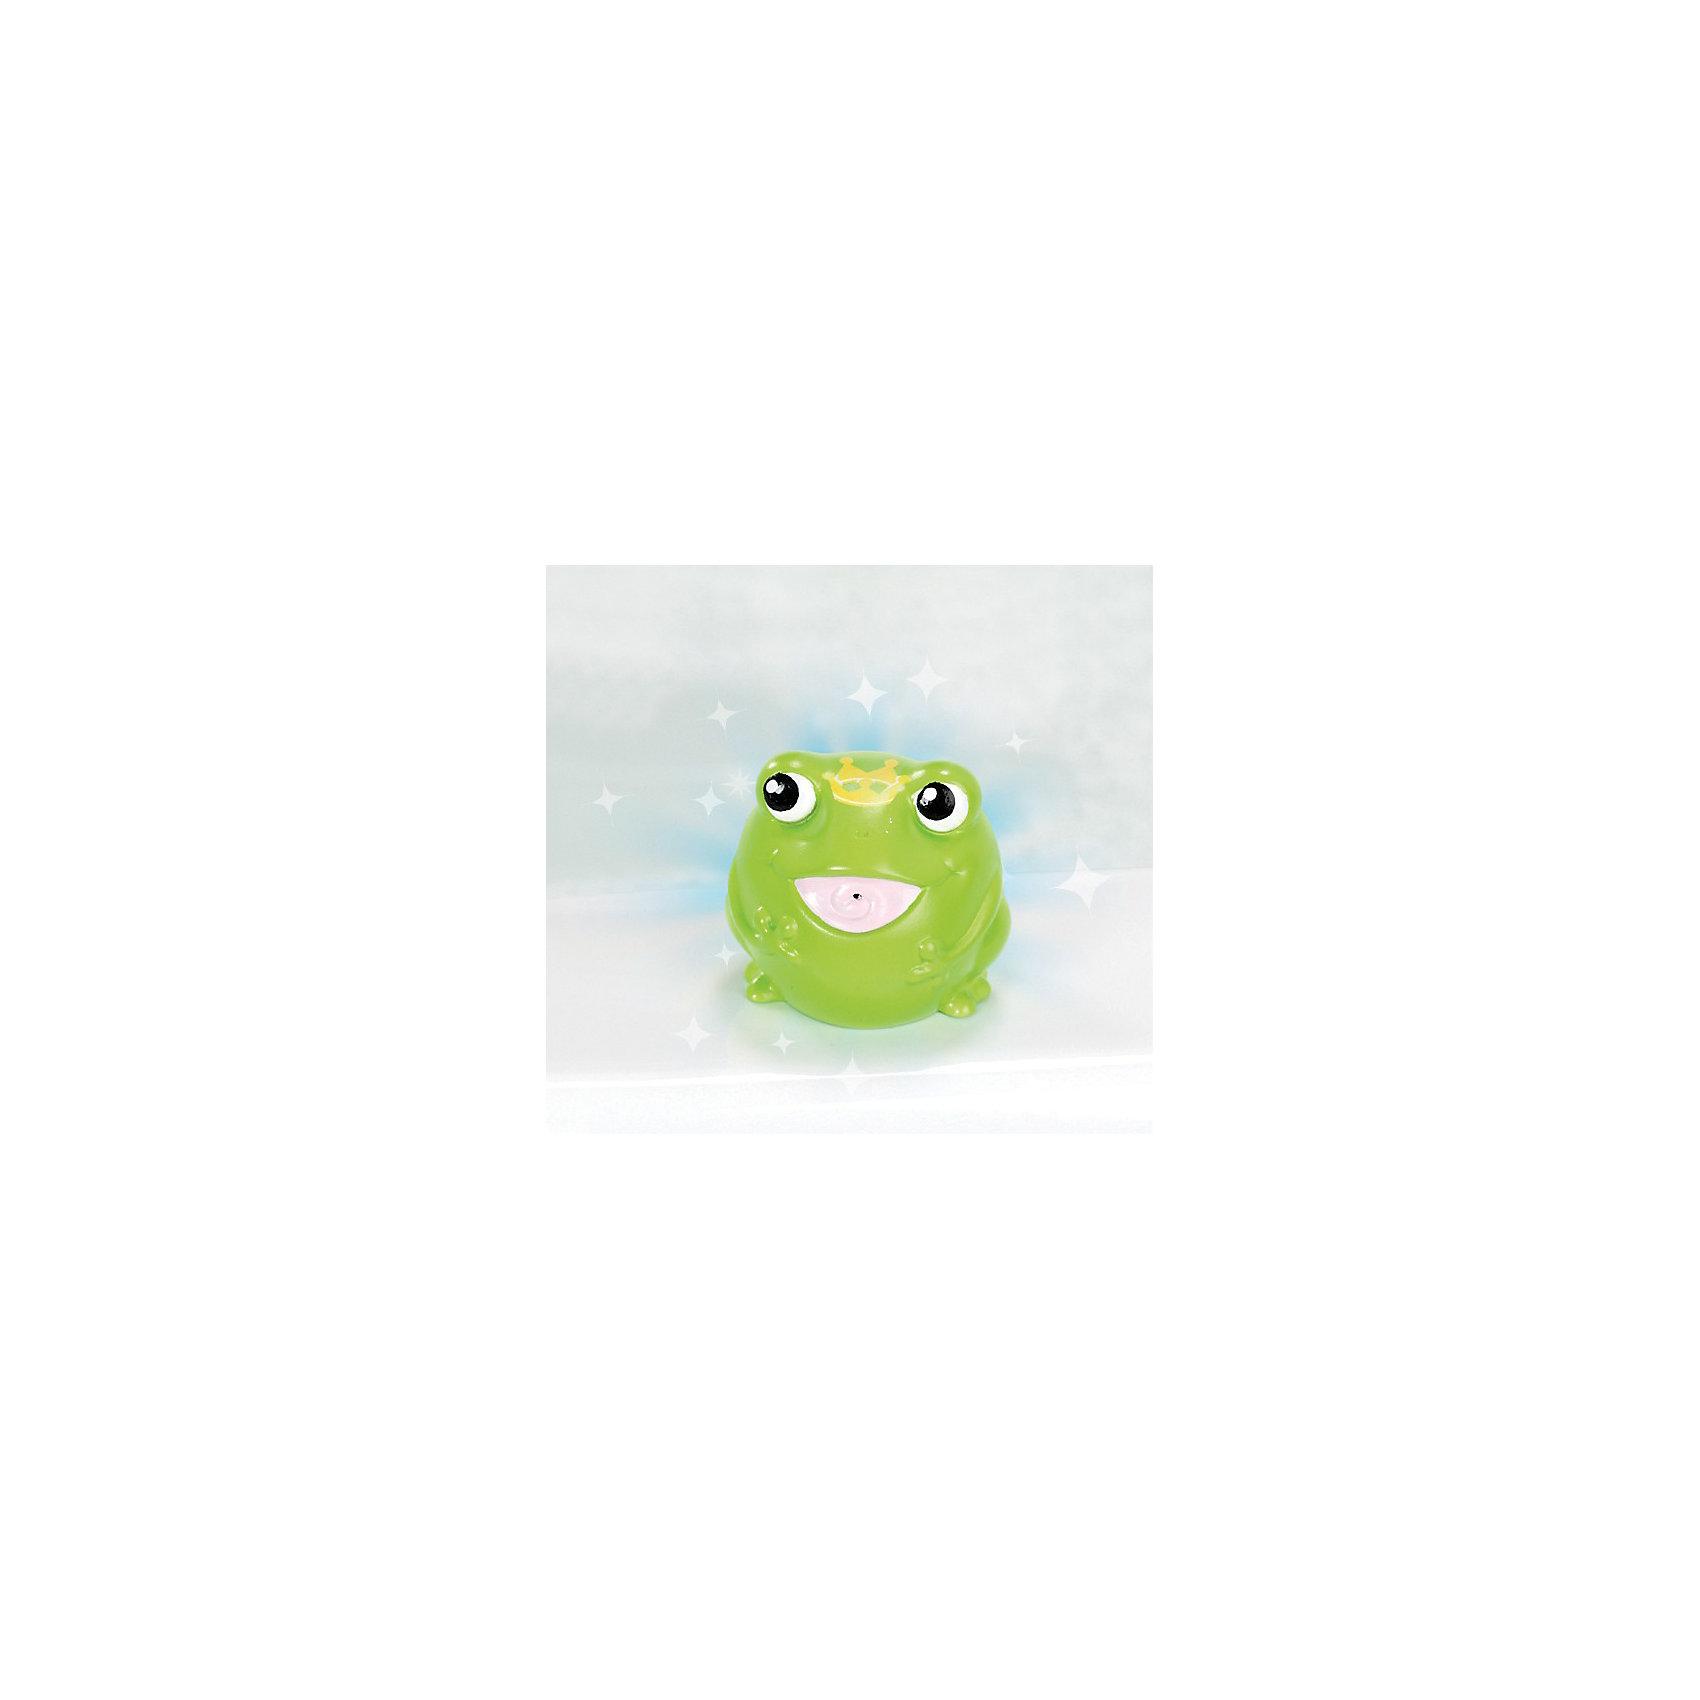 Игрушка для ванной Лягушка принцесса от 18мес., Munchkin от myToys